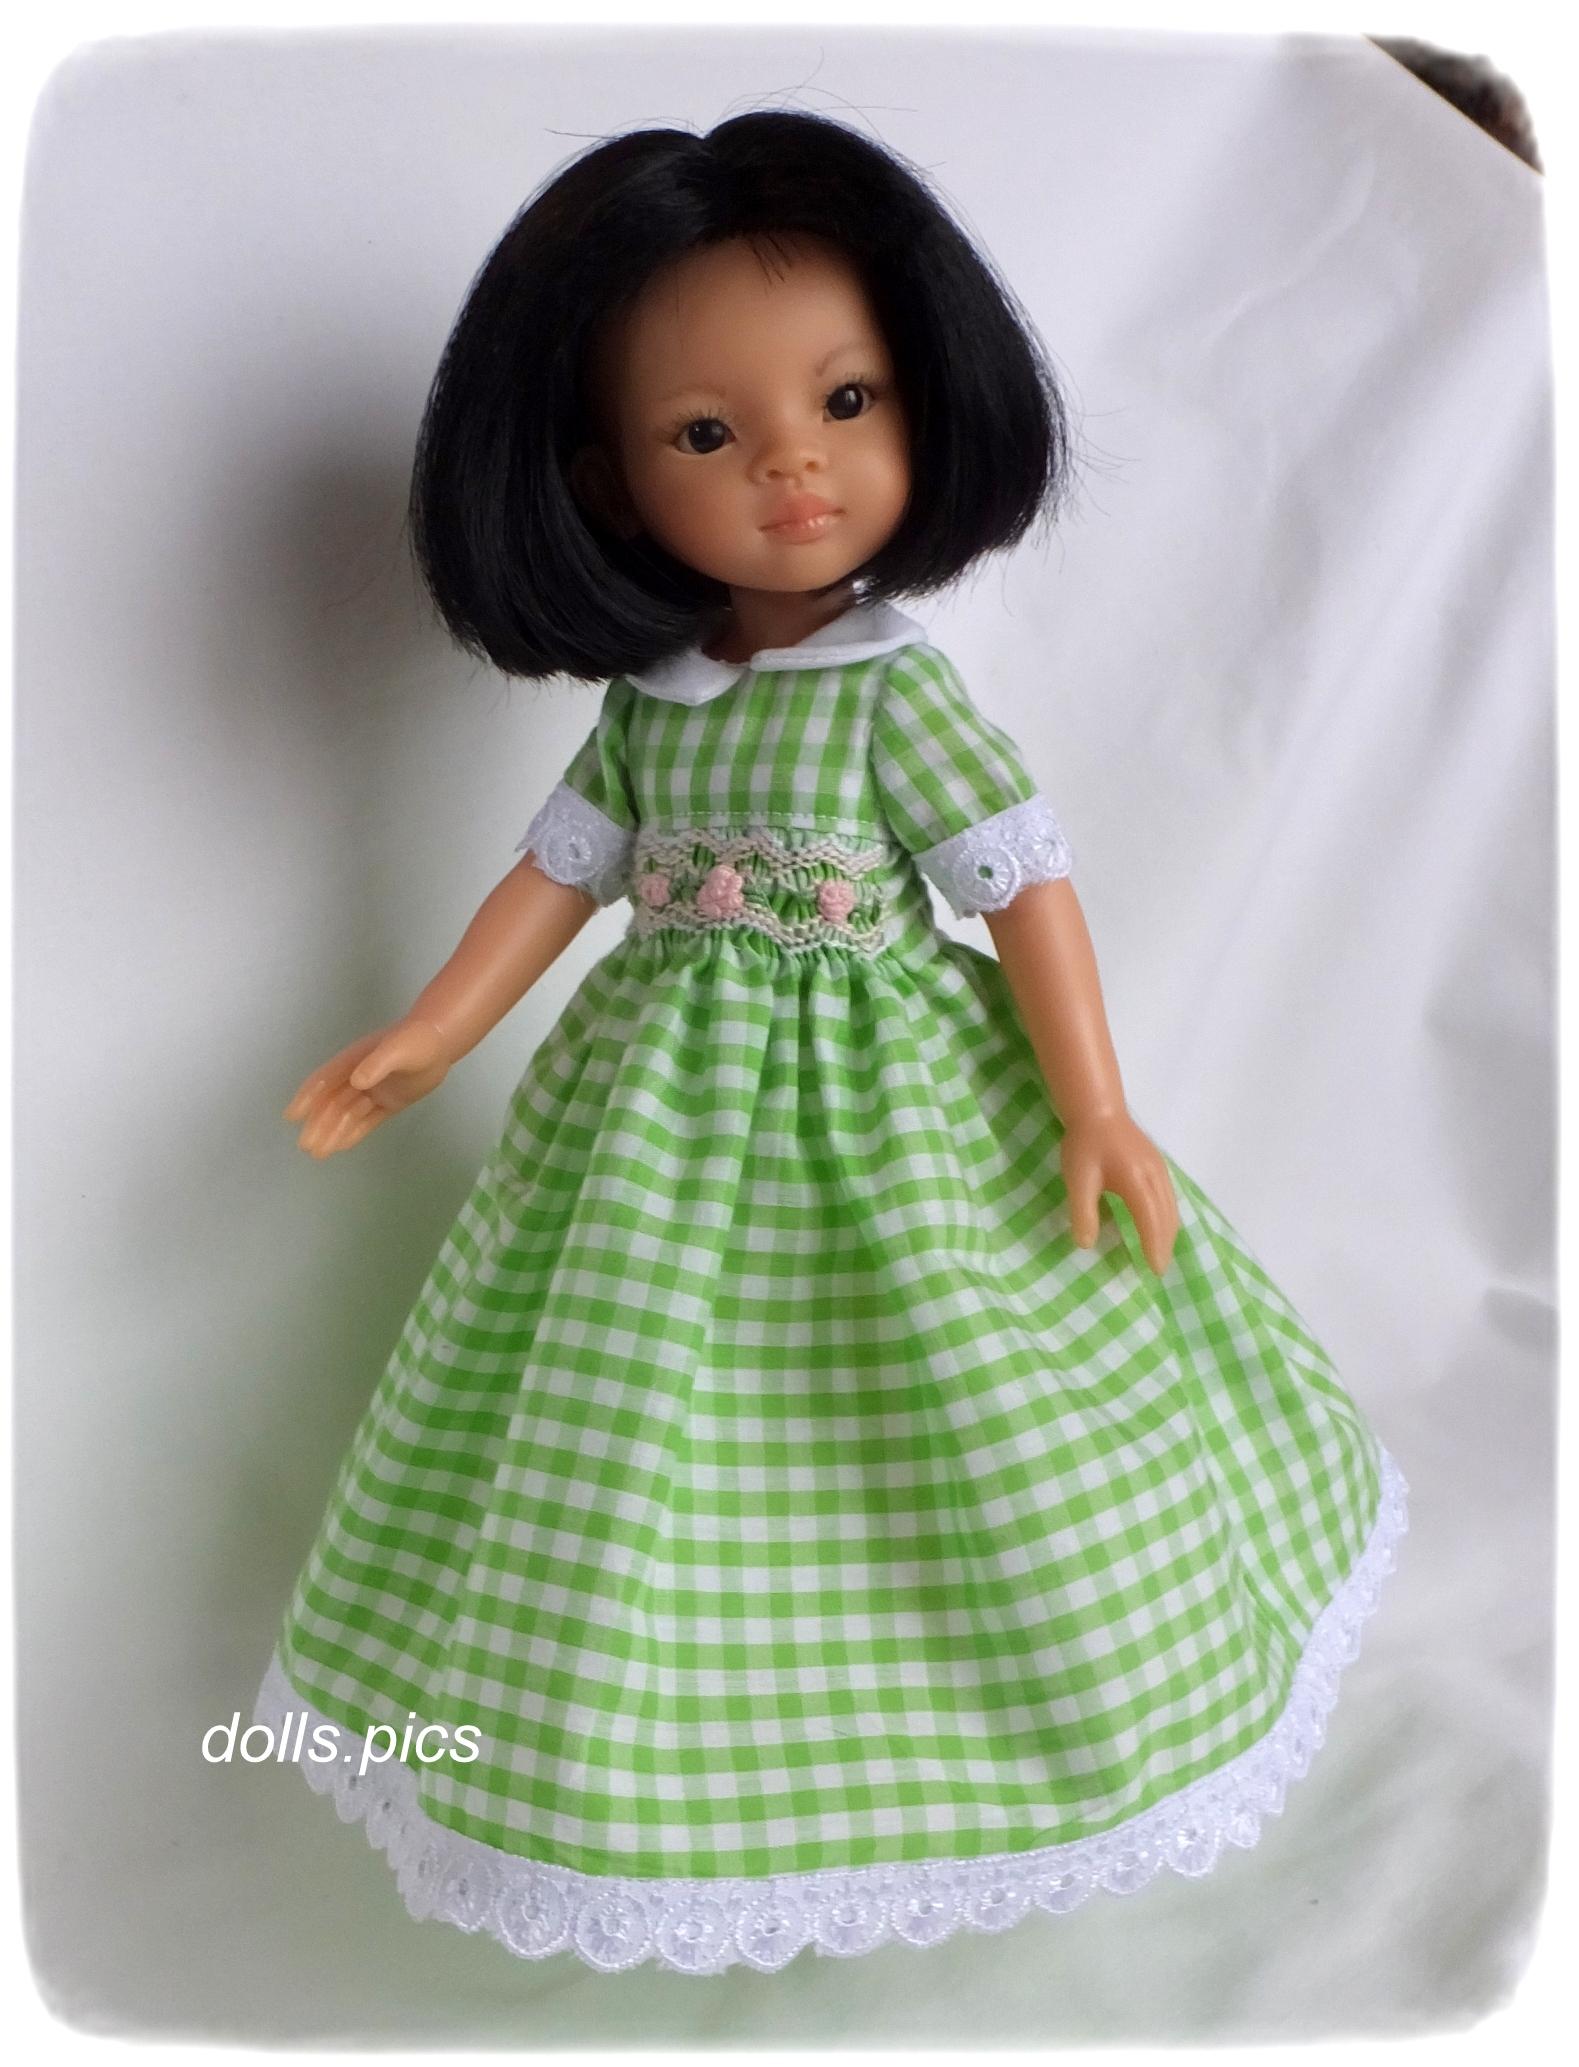 4755d24b067 На гърба има прорез, който придава на роклята специален чар. Вместо бутони  мъниста, и примки са изработени от нишки с примка шев.